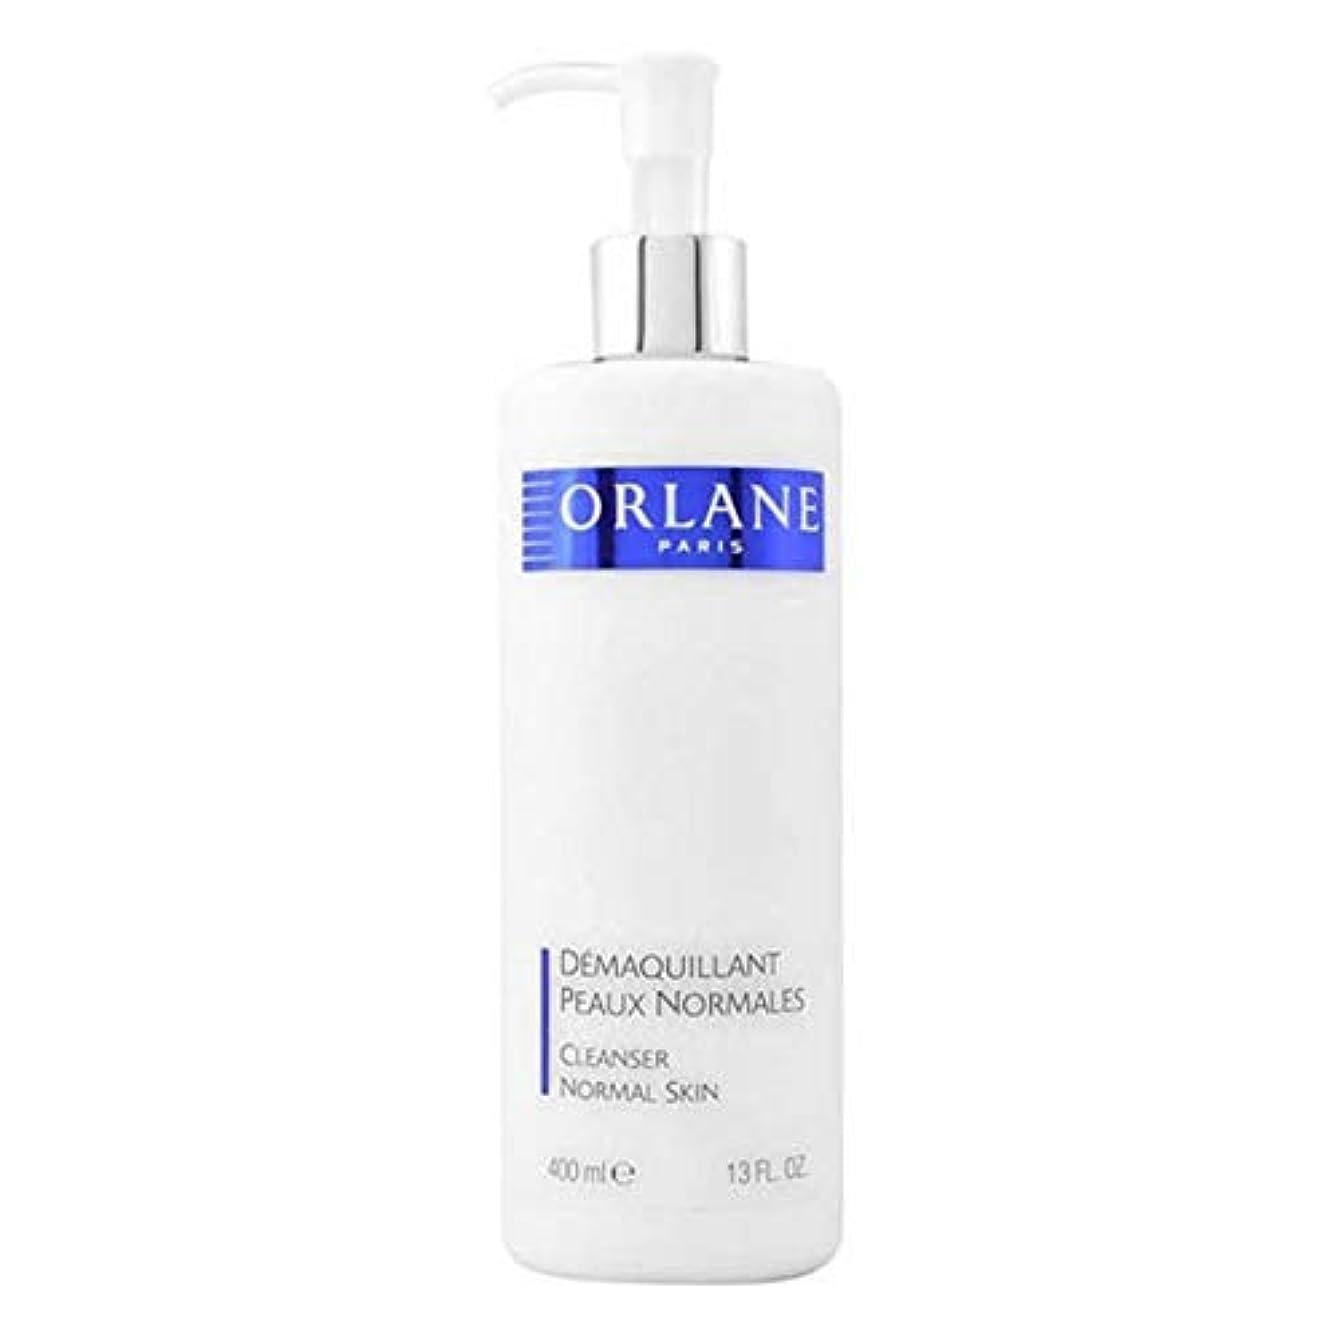 伸ばす正確さ控えるオルラーヌ Cleanser For Normal Skin (Salon Product) 400ml/13oz並行輸入品